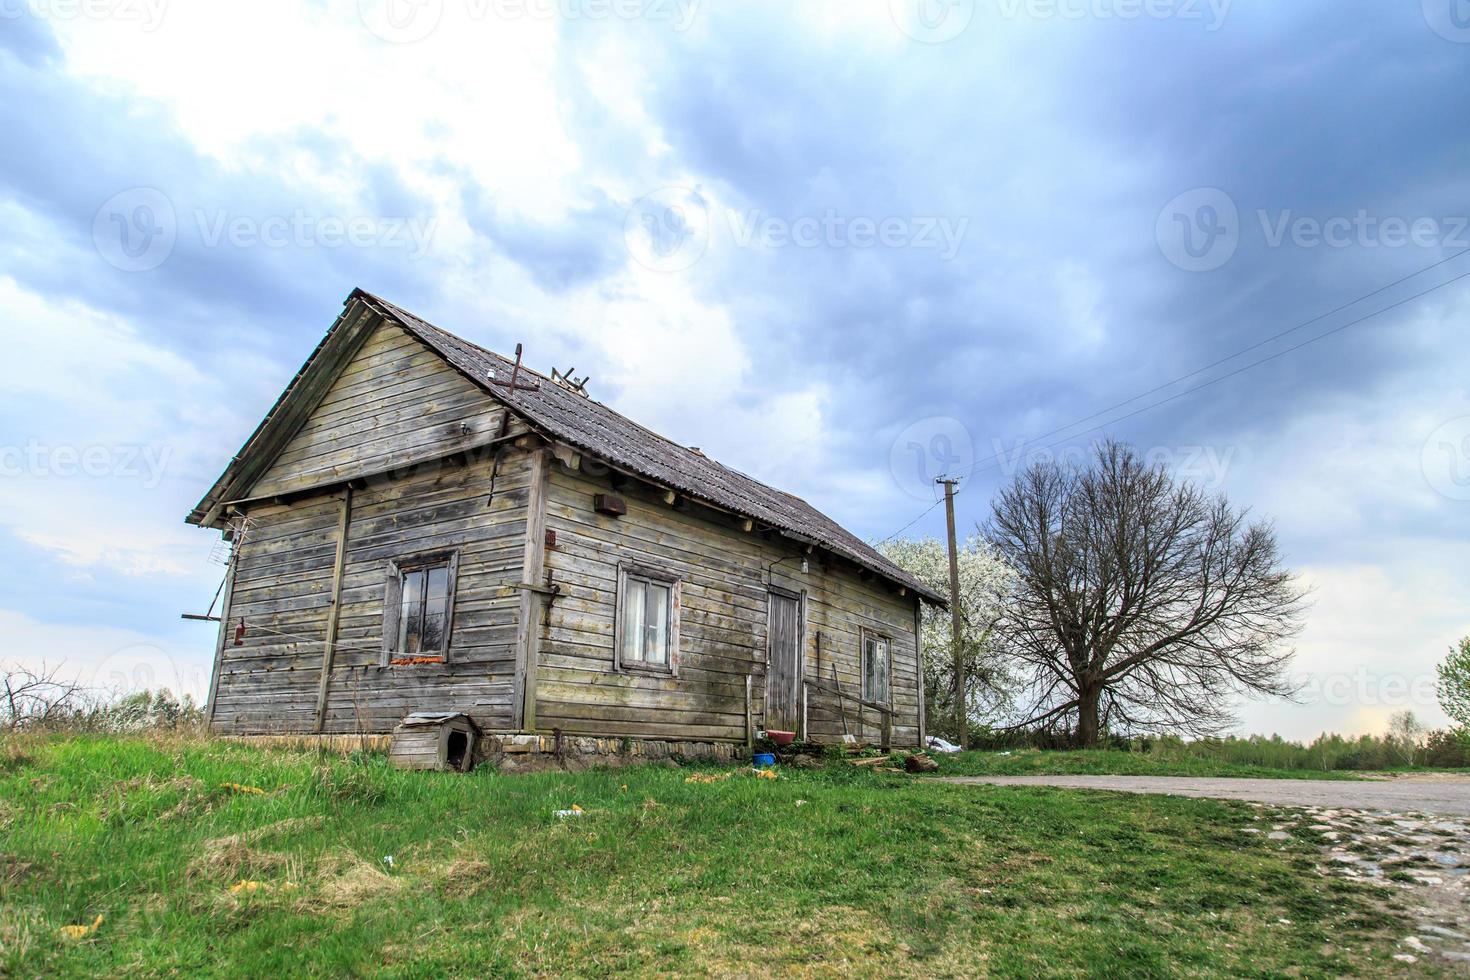 oud houten huis in de weide foto